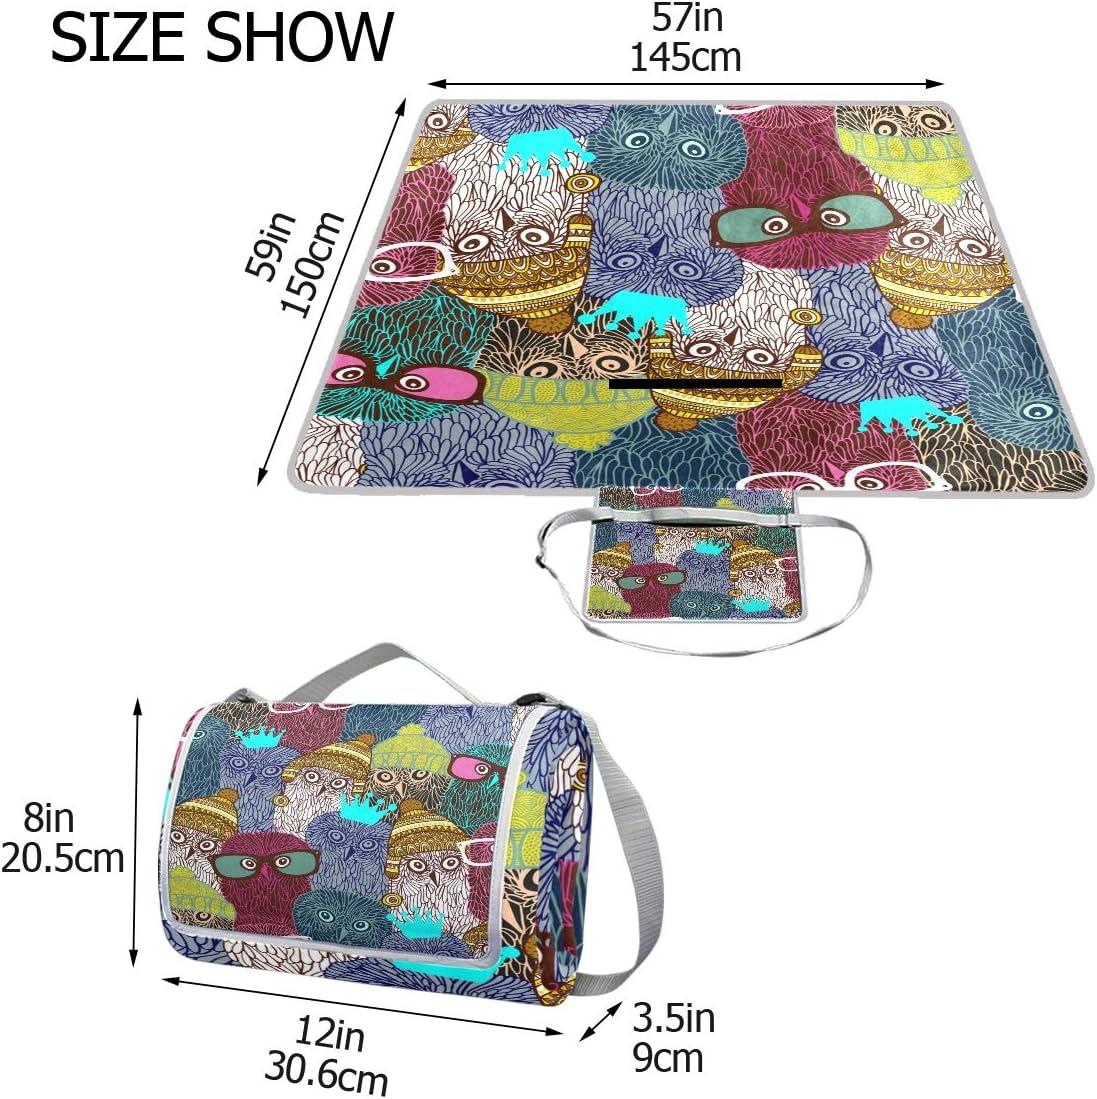 XINGAKA Coperta da Picnic Tappetino Campeggio,Arancia Senza Cuciture del Modello di Vettore di Viaggio del Mondo,Giardino Spiaggia Impermeabile Anti Sabbia 8